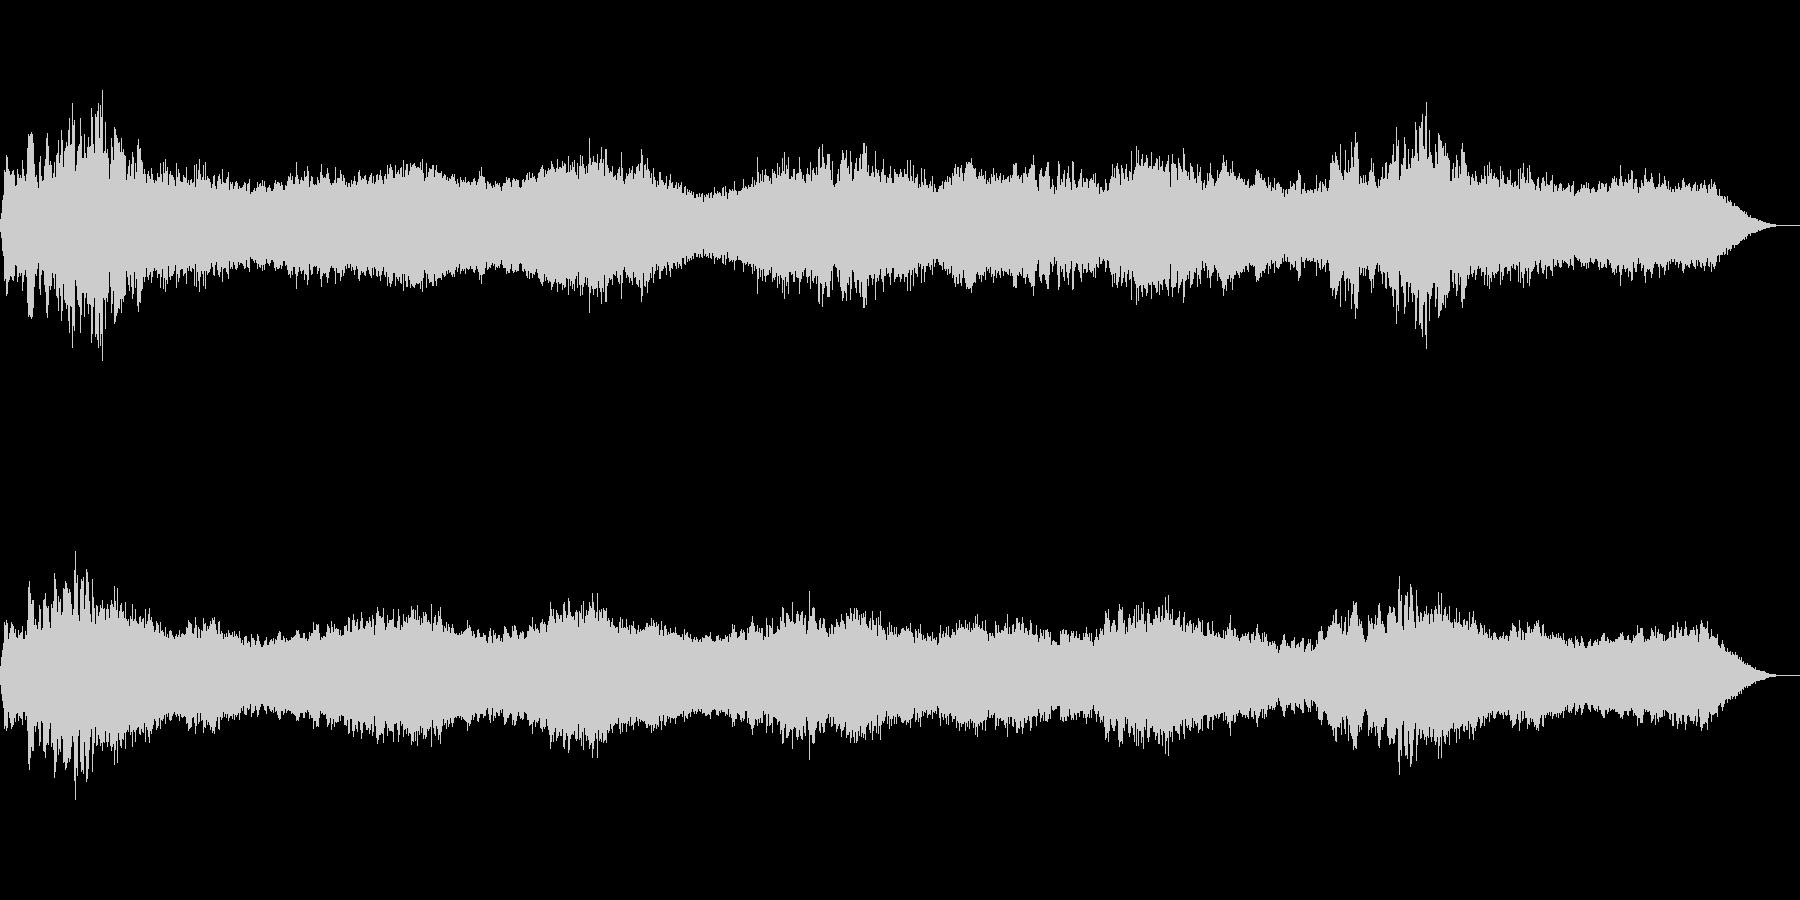 暗く重い環境音の未再生の波形